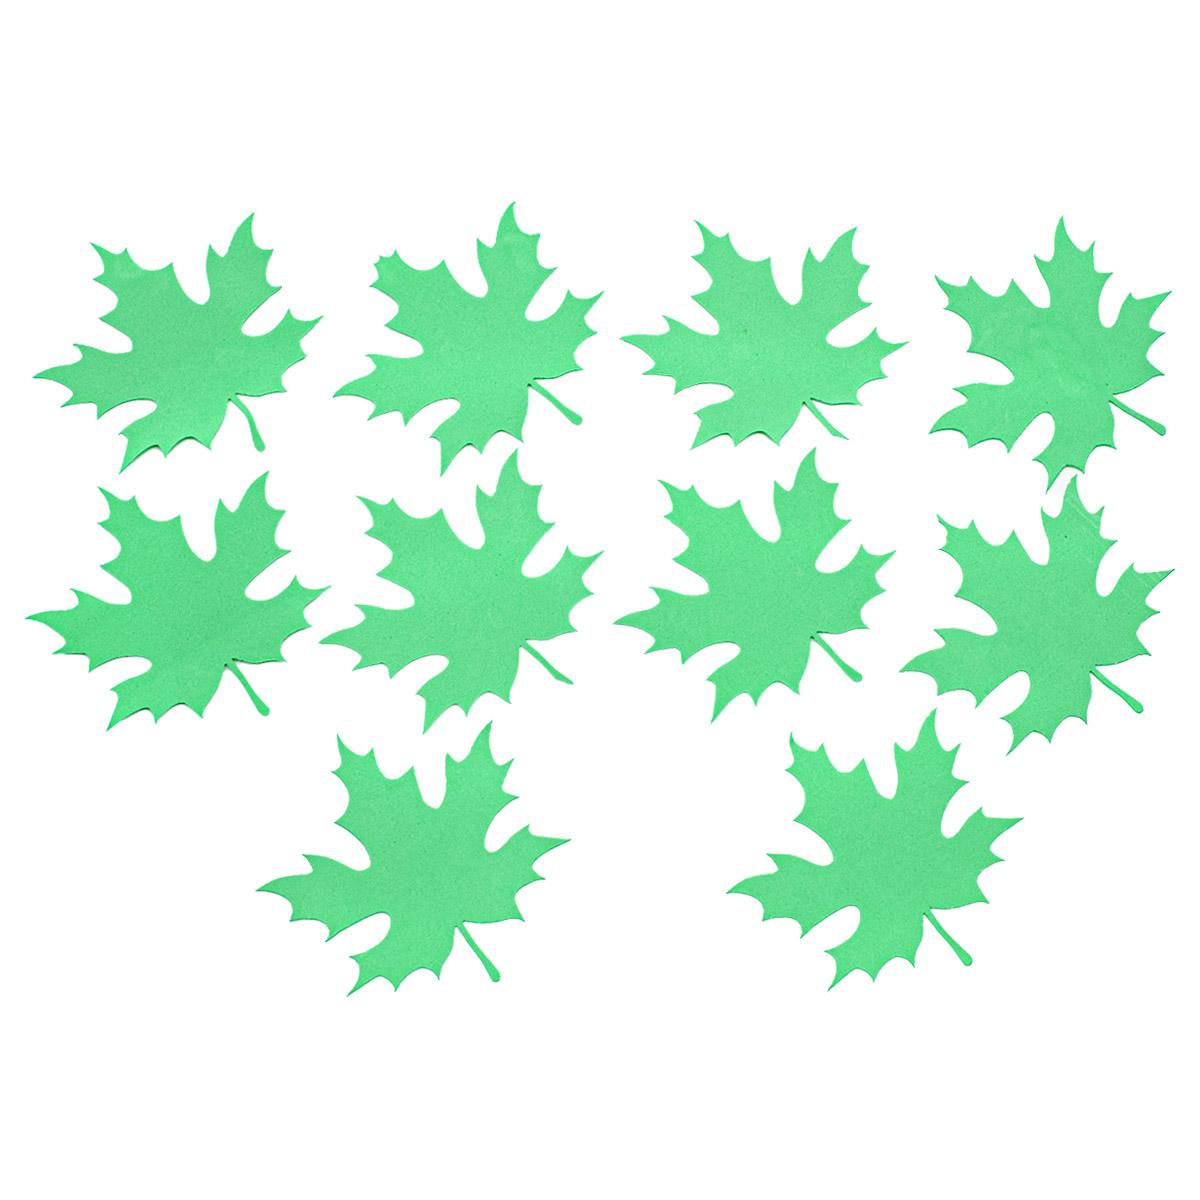 фом28-2-3 Заготовка из фоамирана 'Лист клена', 10х10см,10шт, зеленый